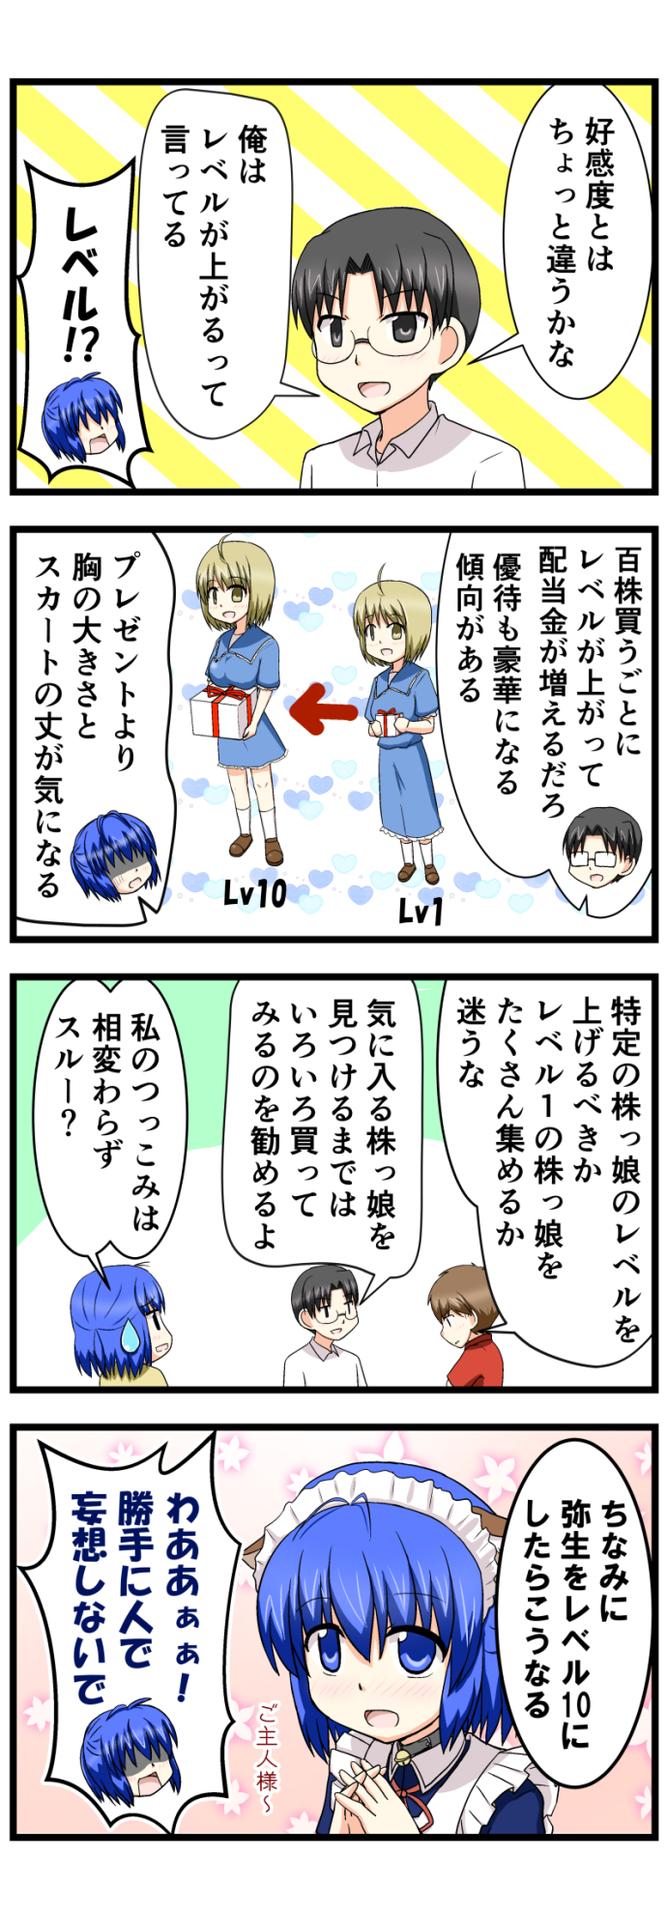 萌える株セミナー16c.jpg